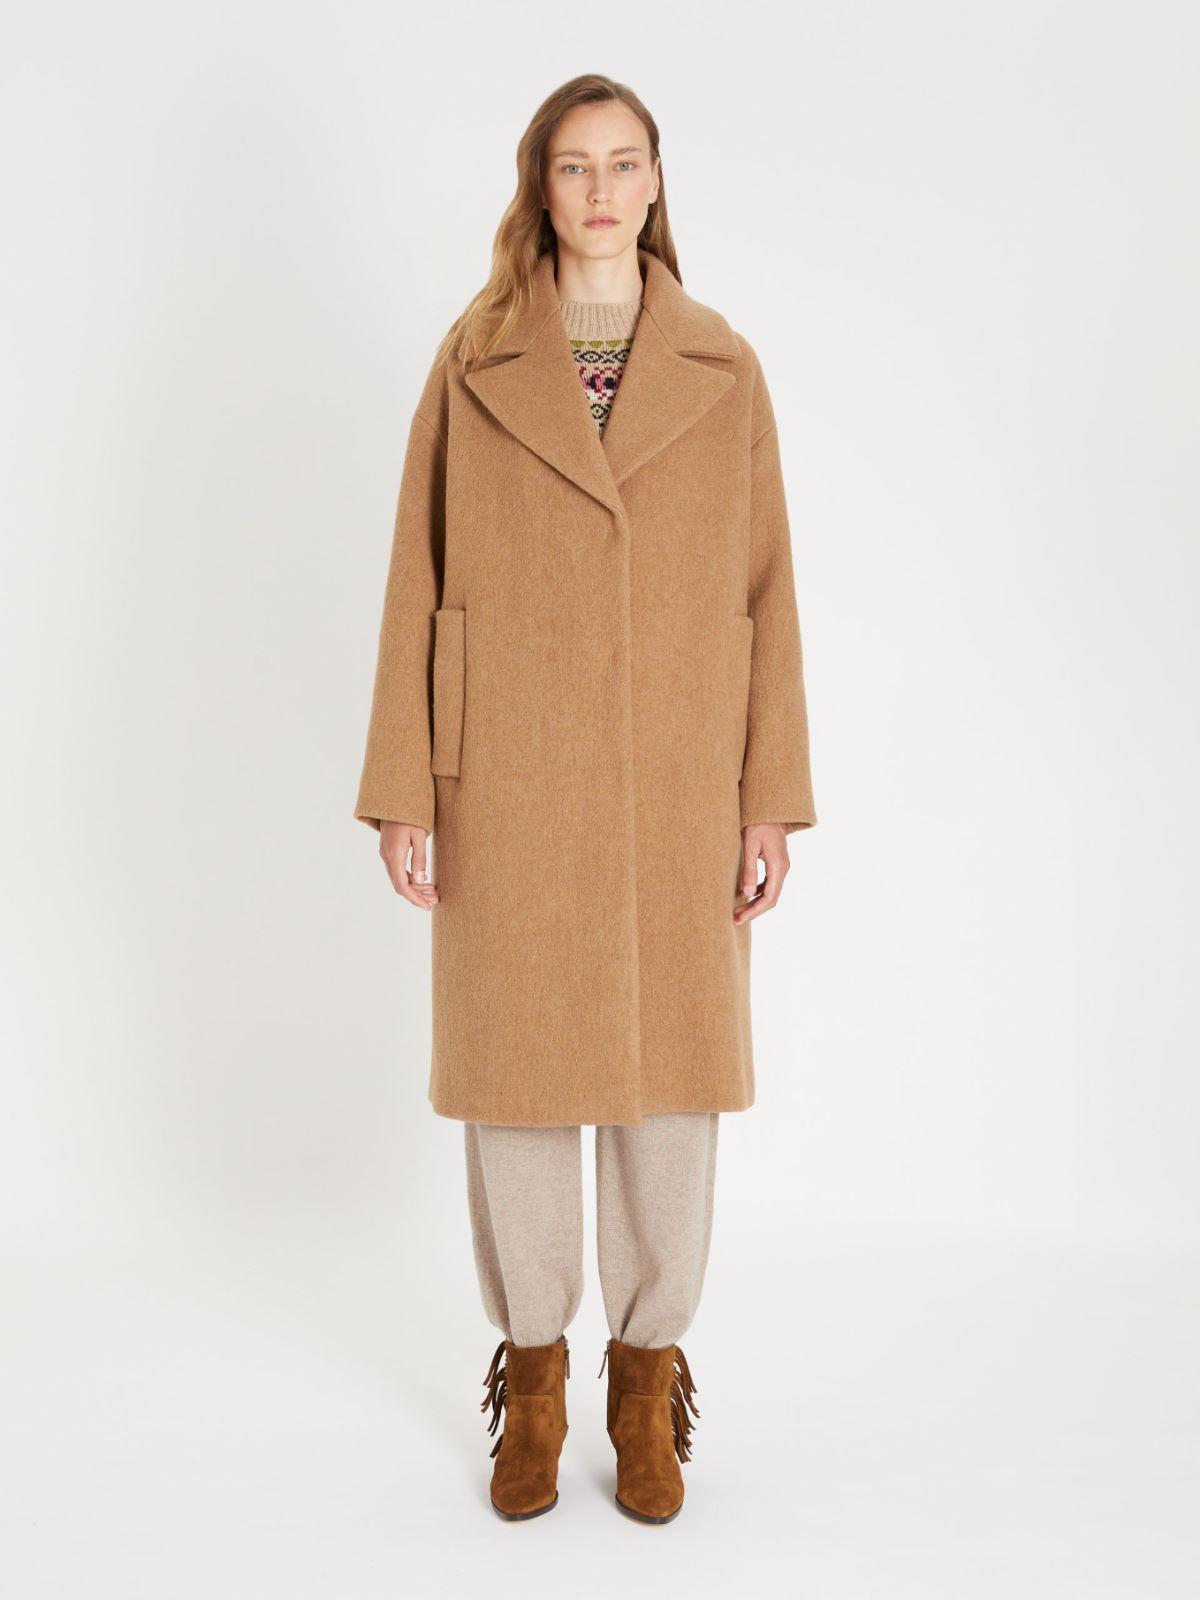 Felted-look wool coat Weekend Maxmara